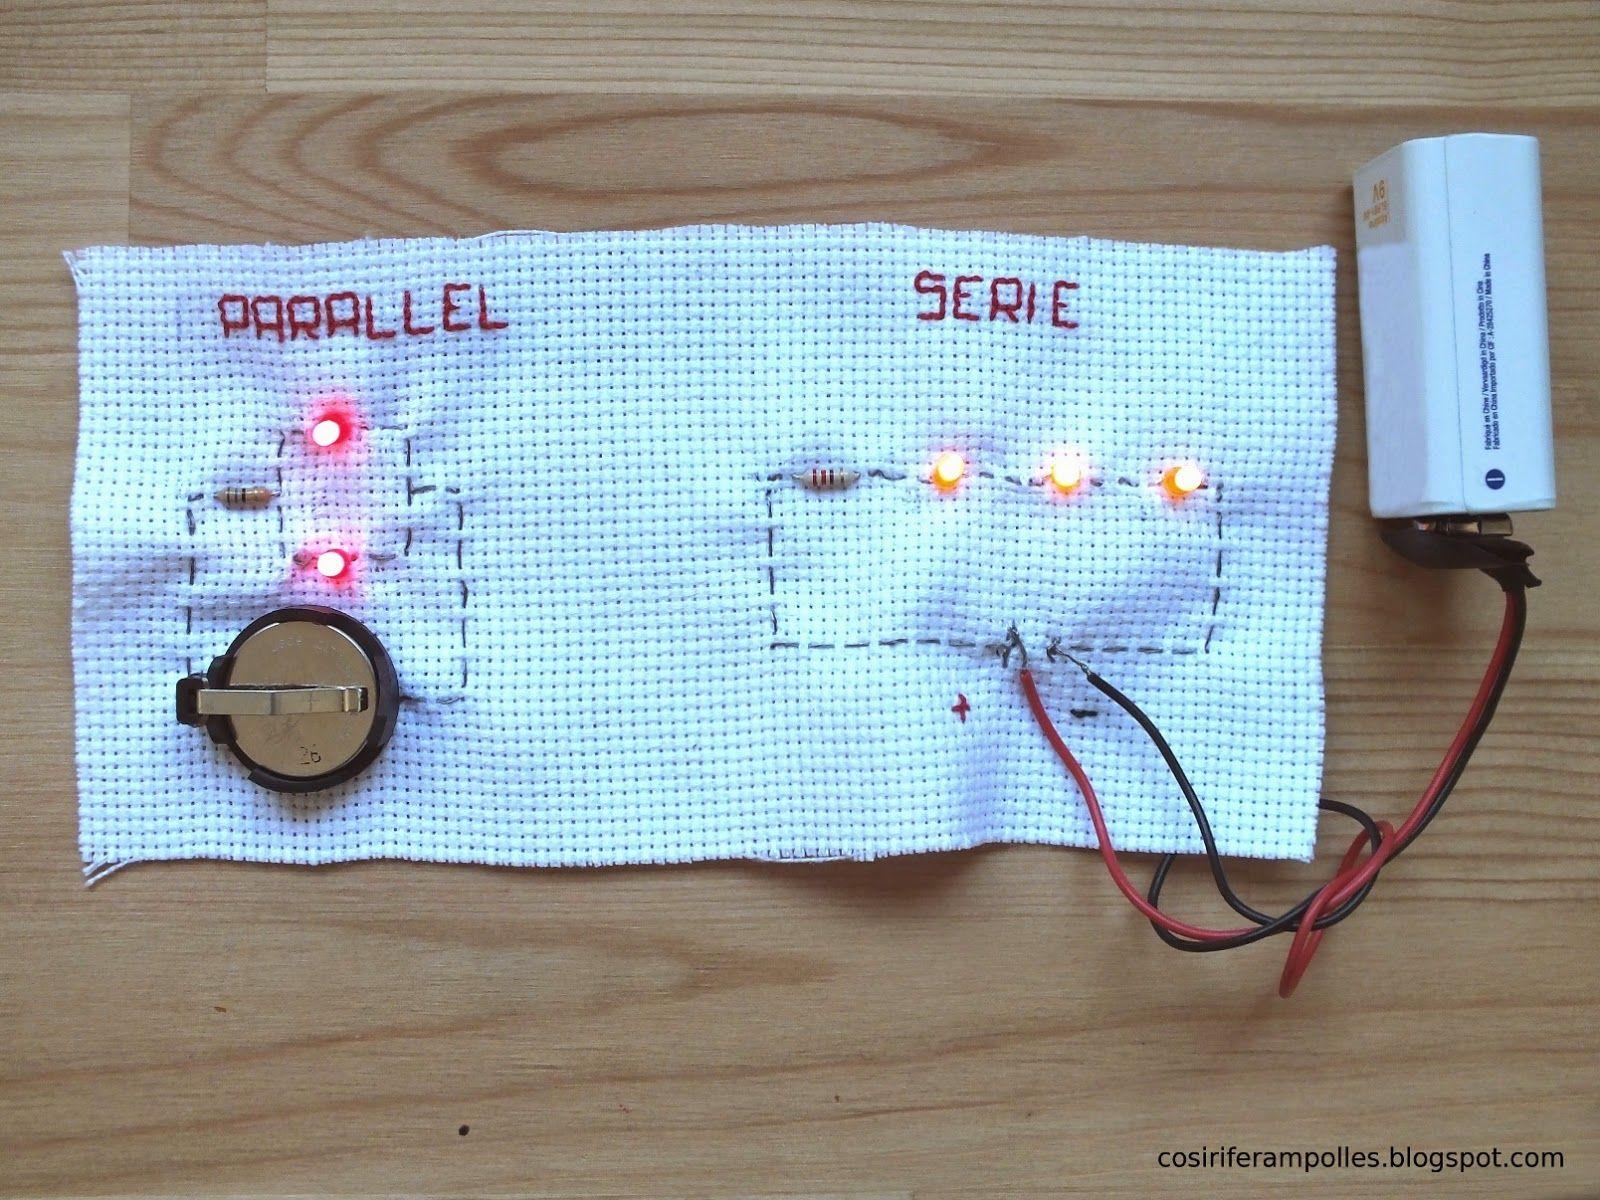 Circuito En Paralelo : Cómo coser varios leds circuitos en serie y en paralelo hay dos